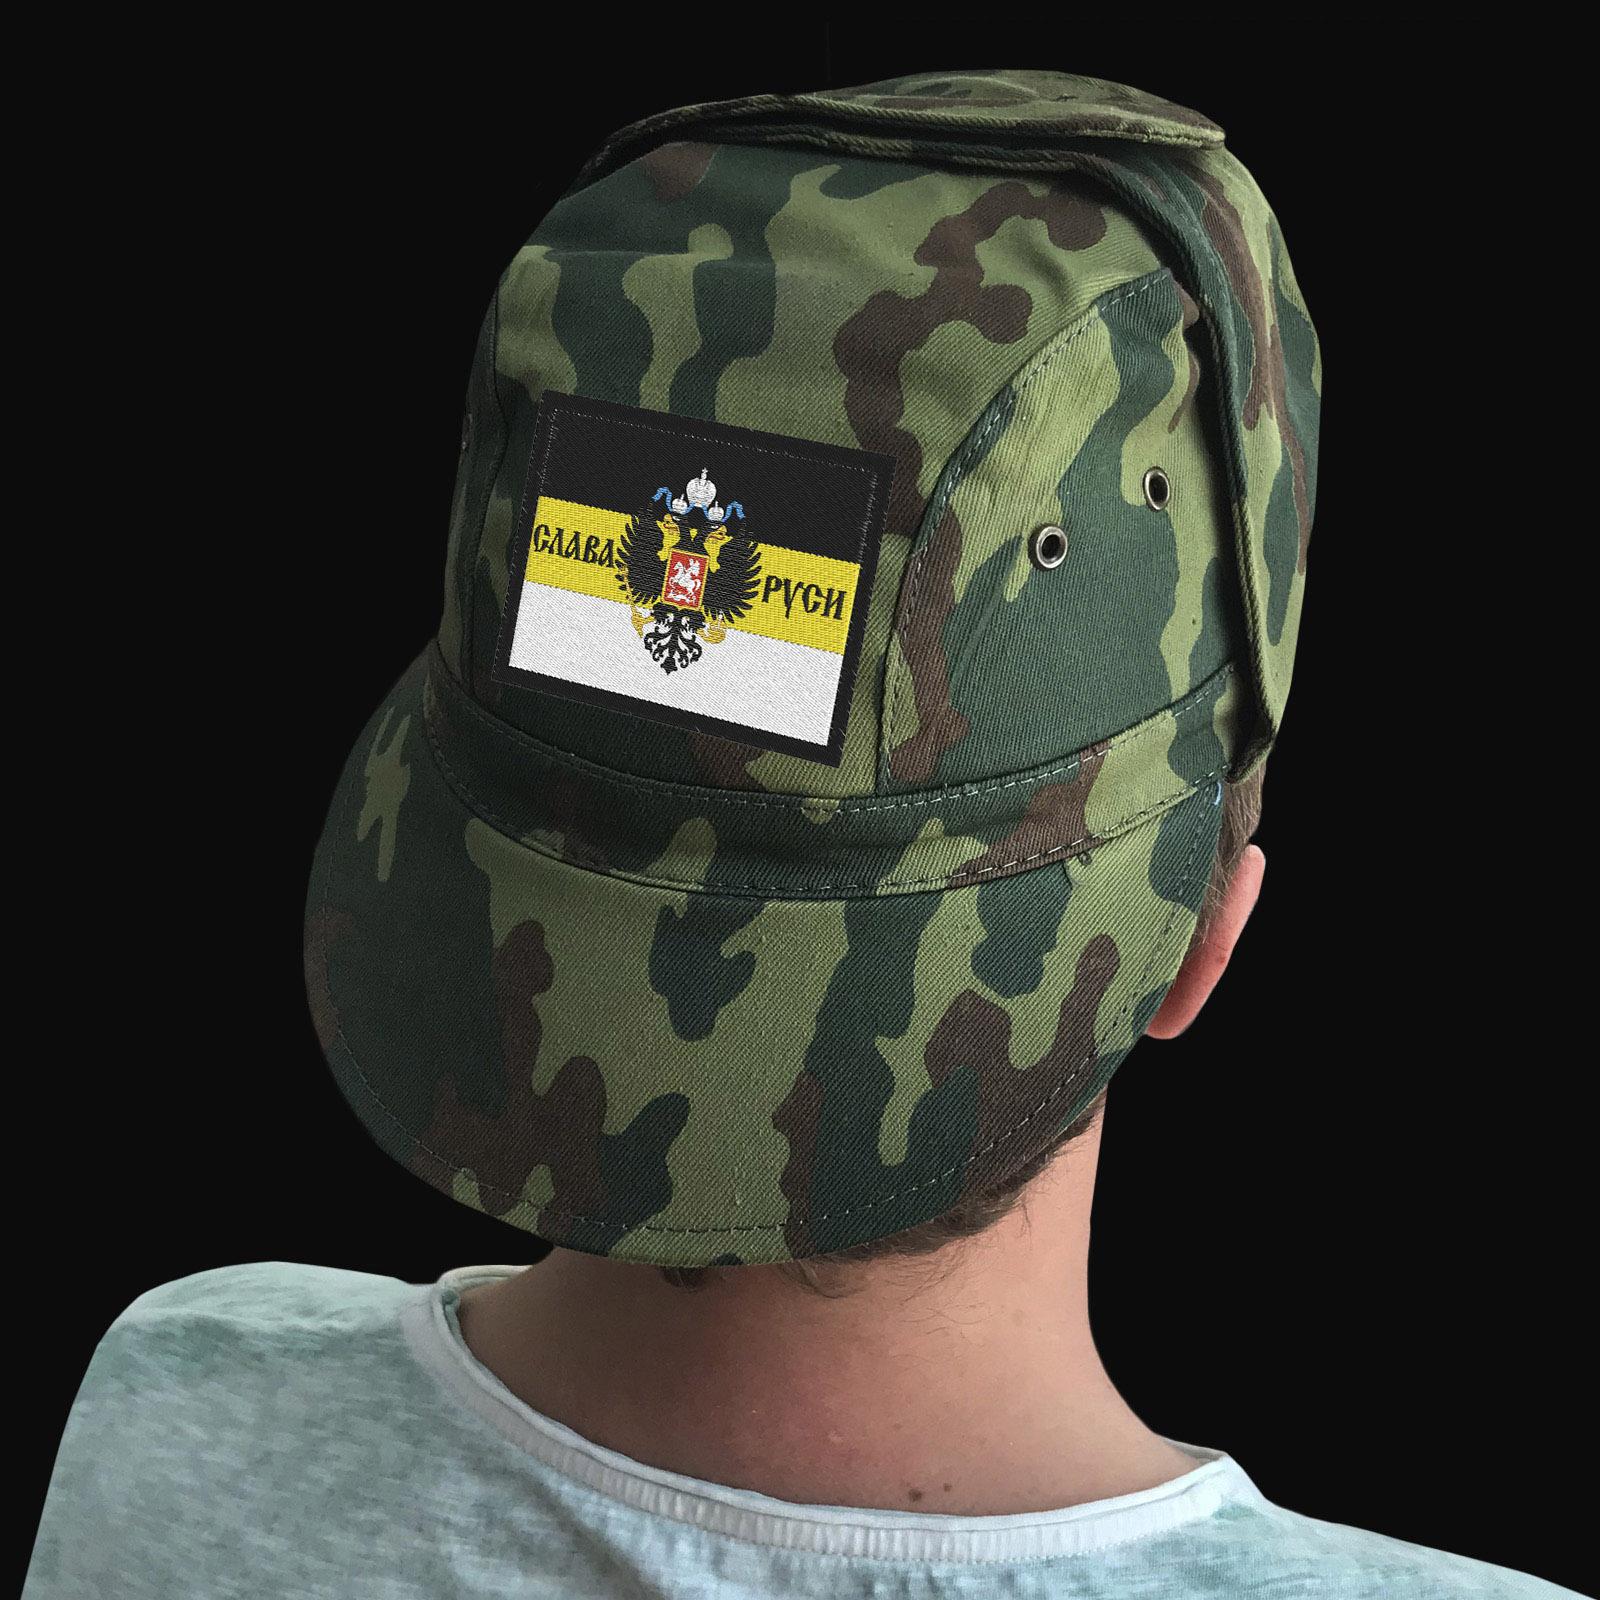 Патриотические камуфляжные кепки с доставкой по Москве и России